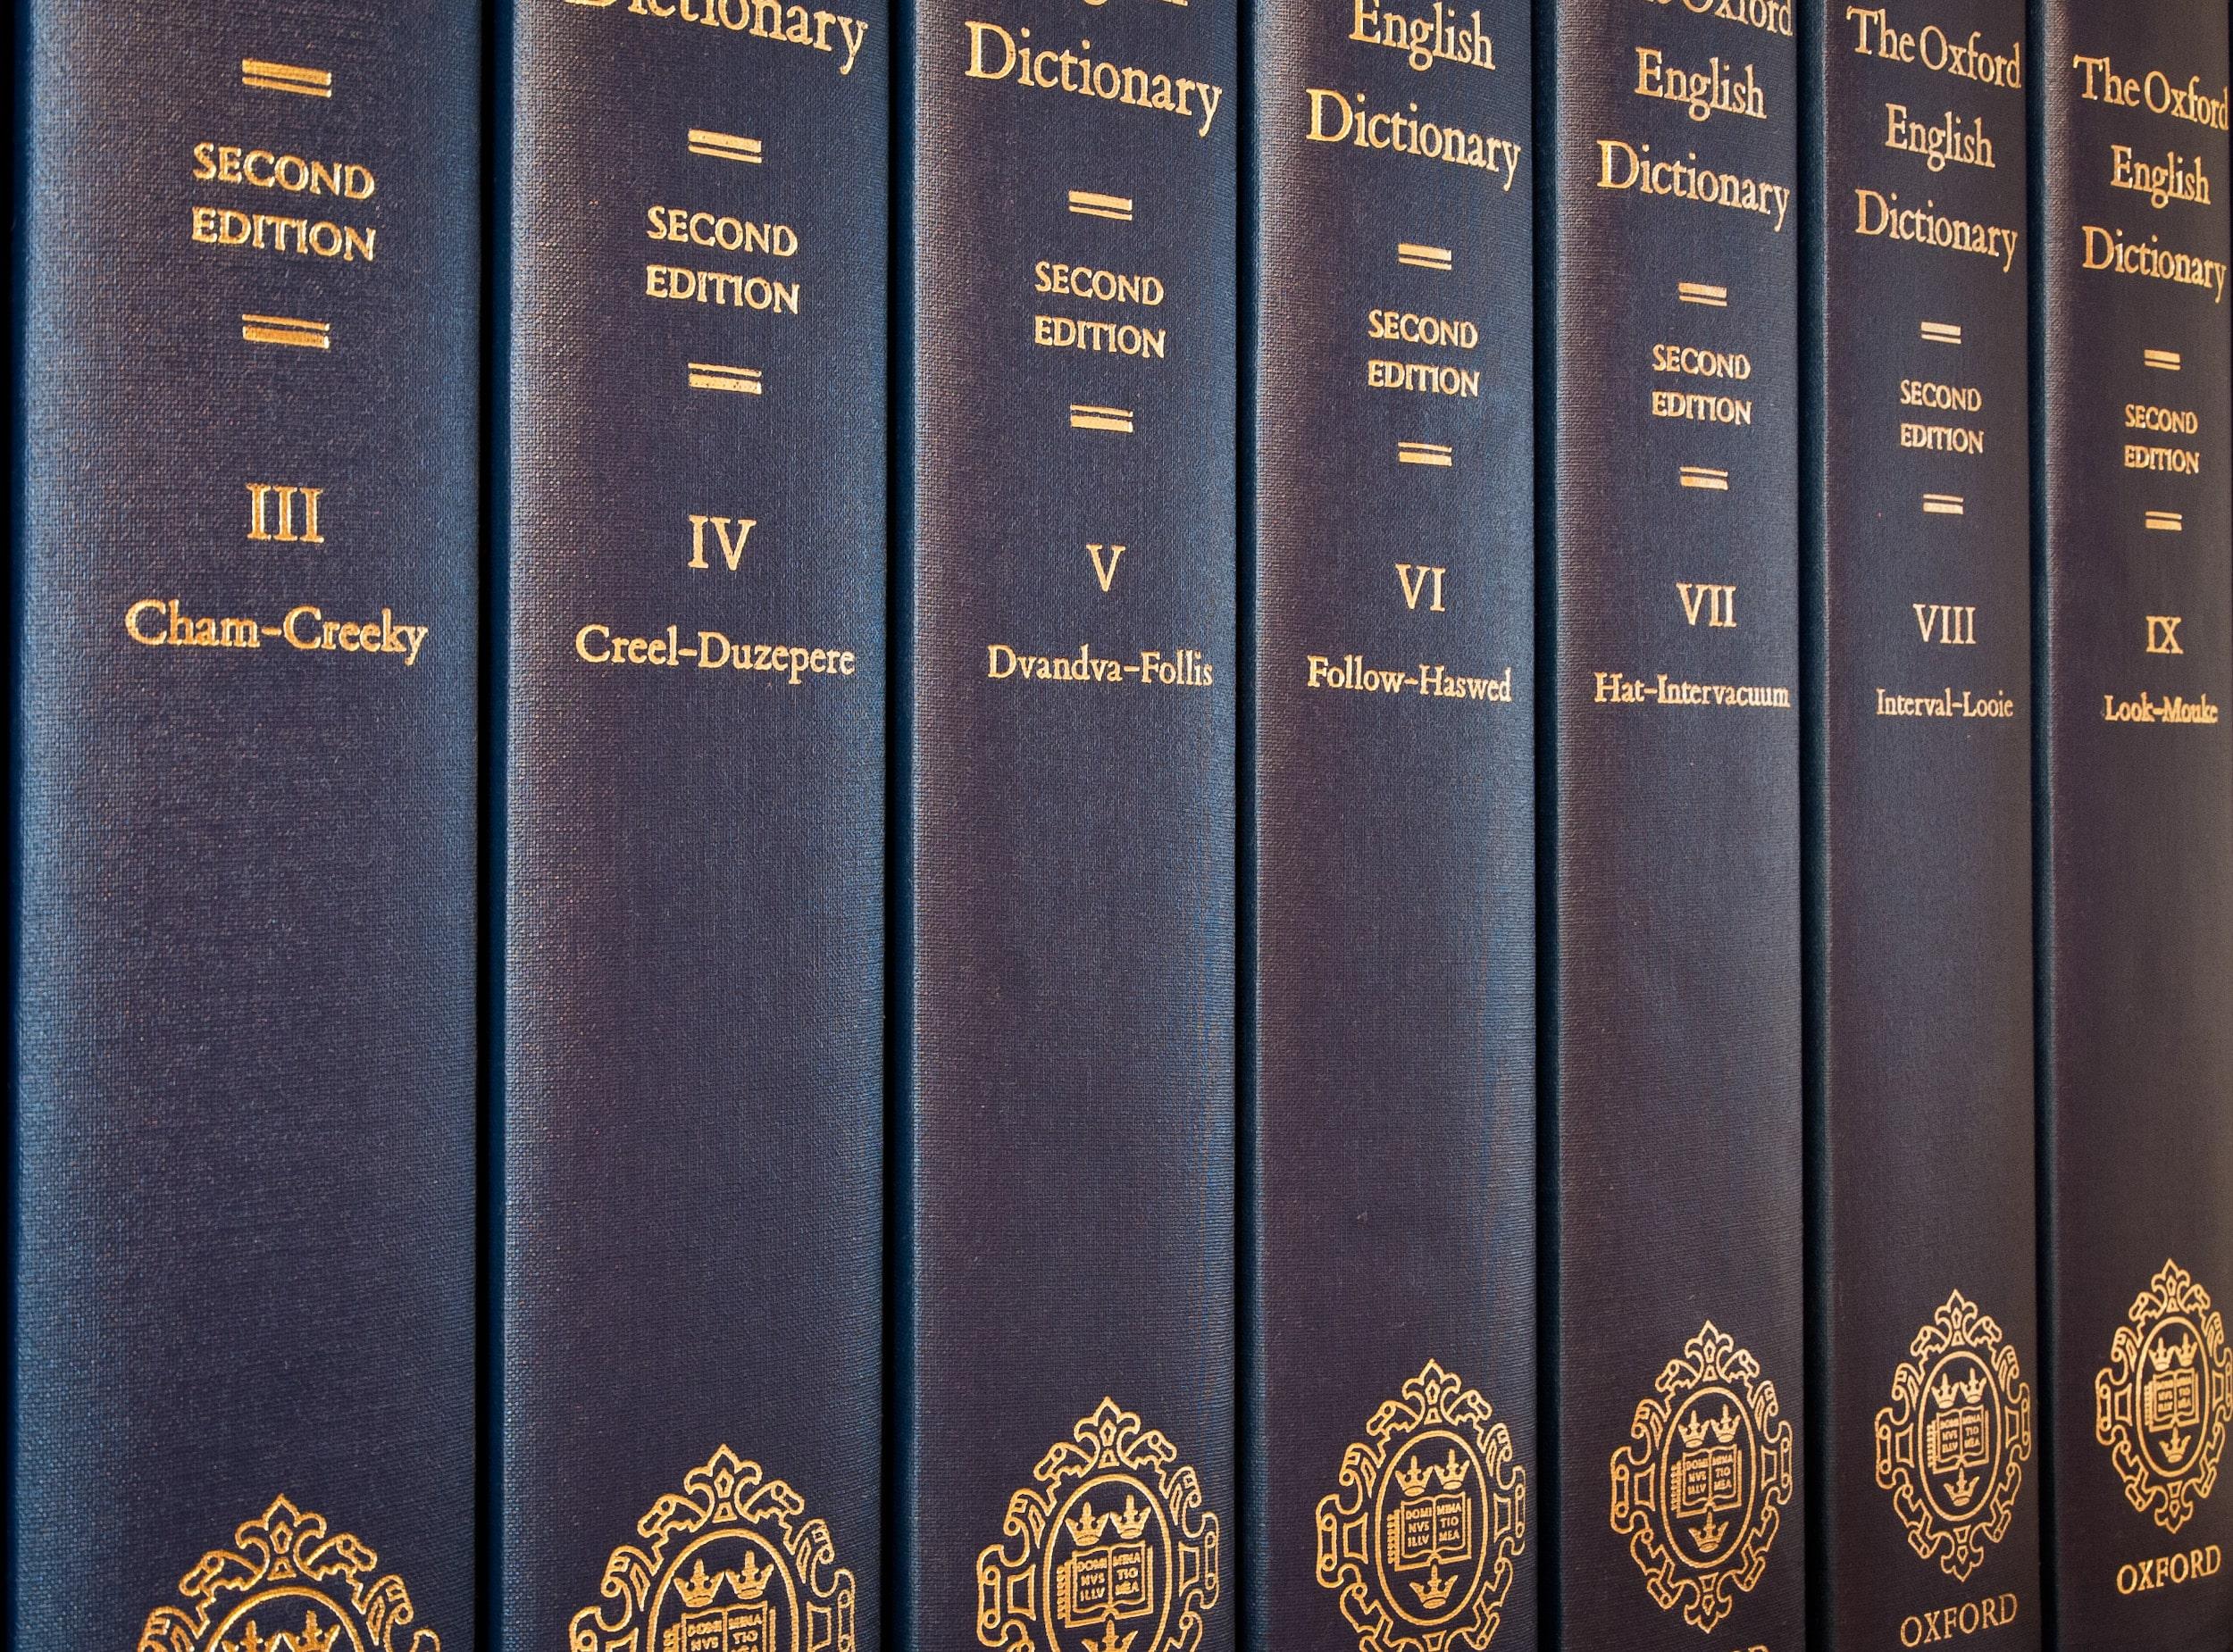 Aadhaar Dabba Hartal Shaadi Make It To Oxford Dictionary